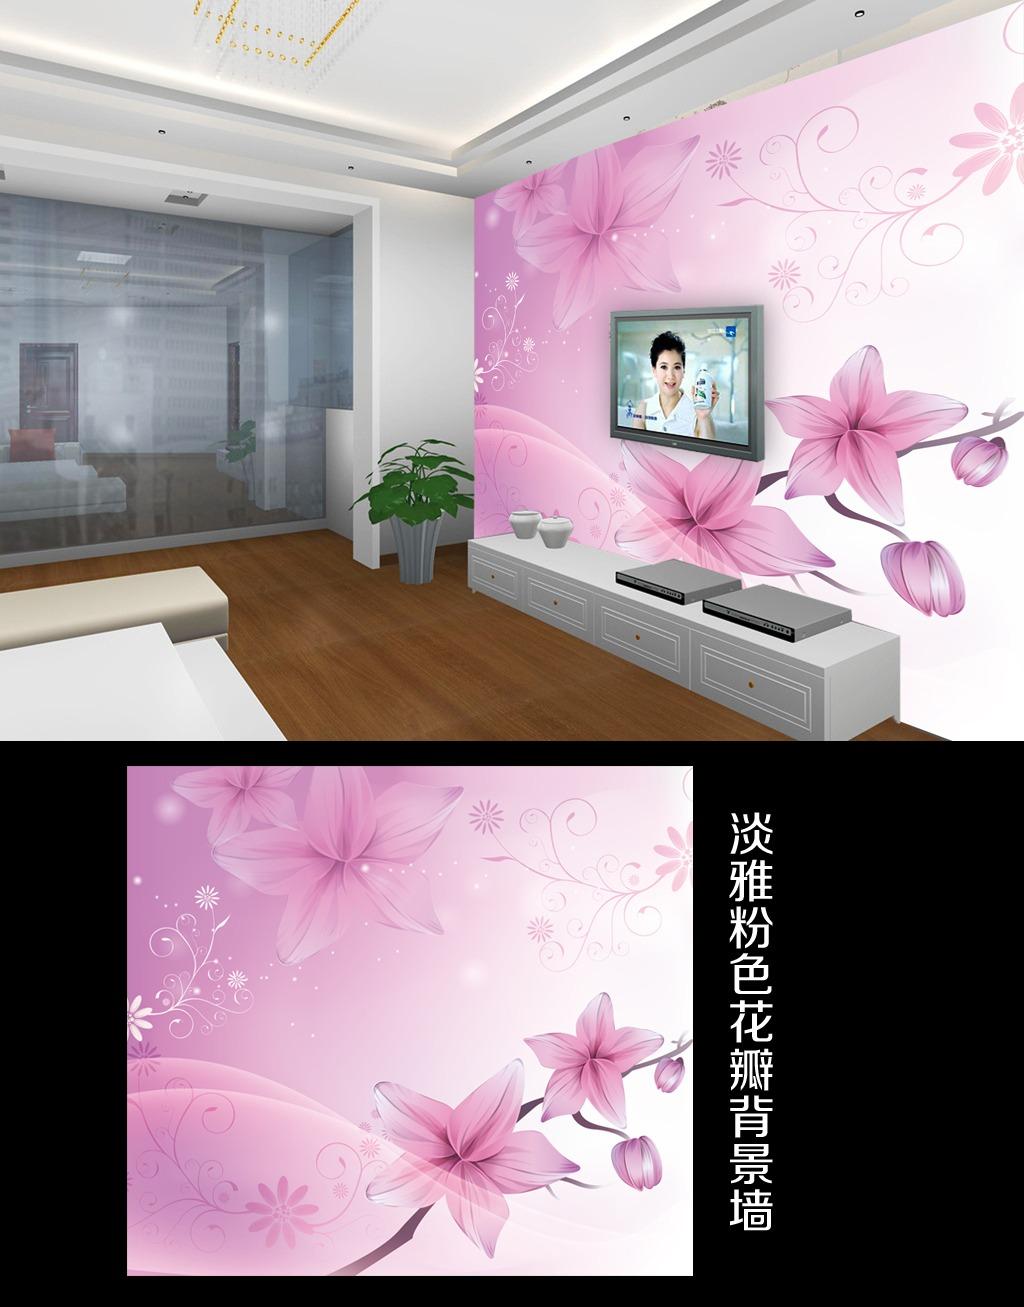 背景墙 花瓣/[版权图片]淡雅时尚粉红色花瓣背景墙